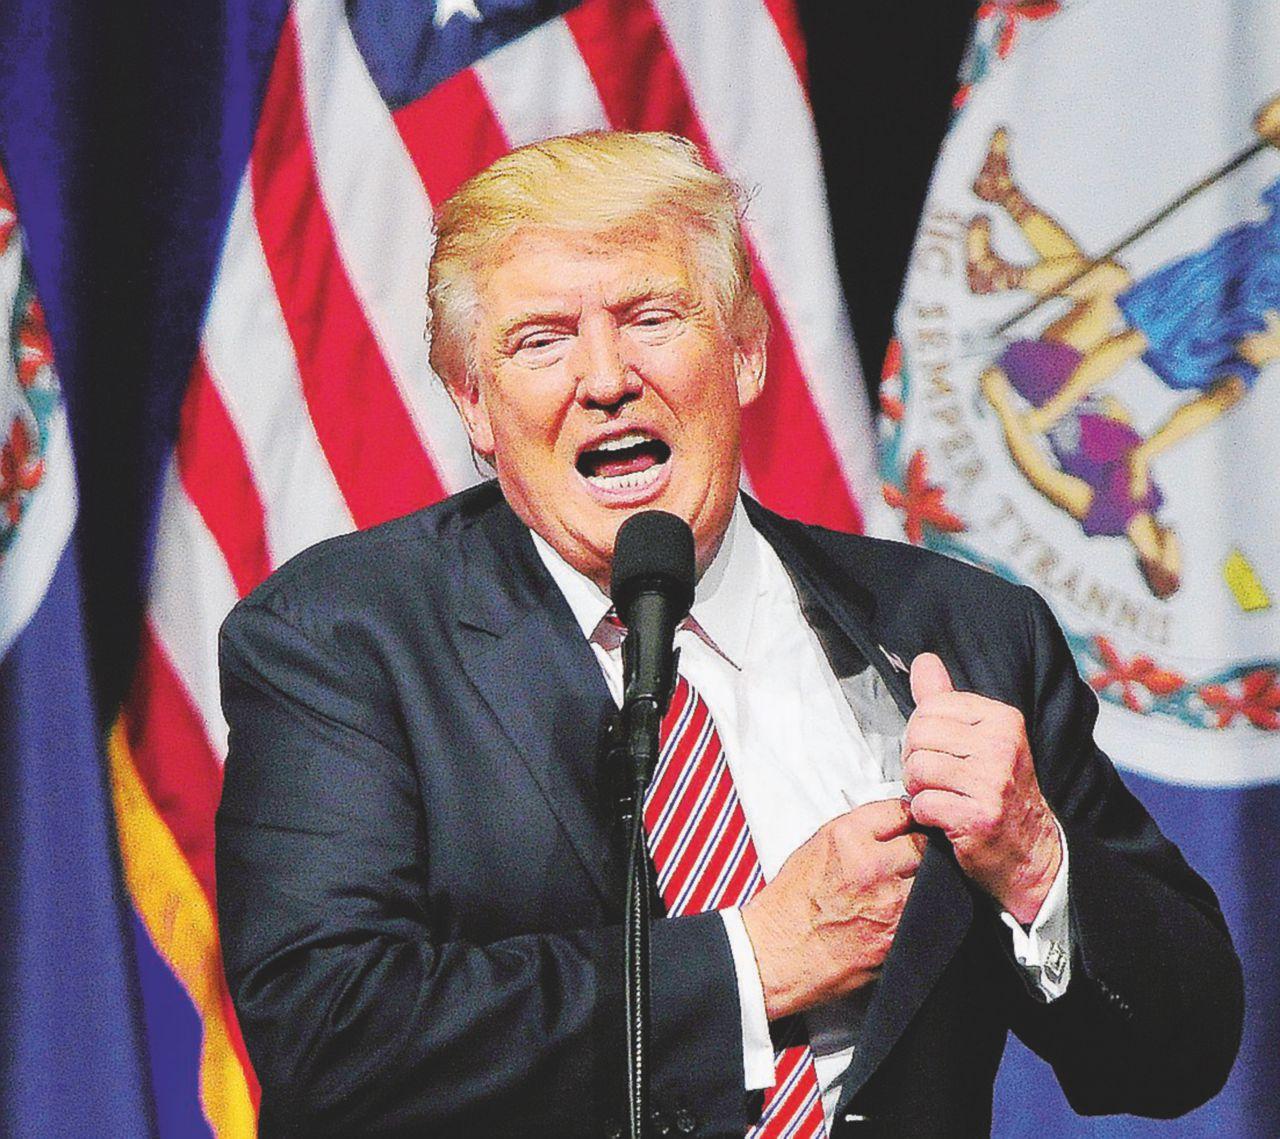 Il vincitore prende tutto Trump e l'orgia del potere